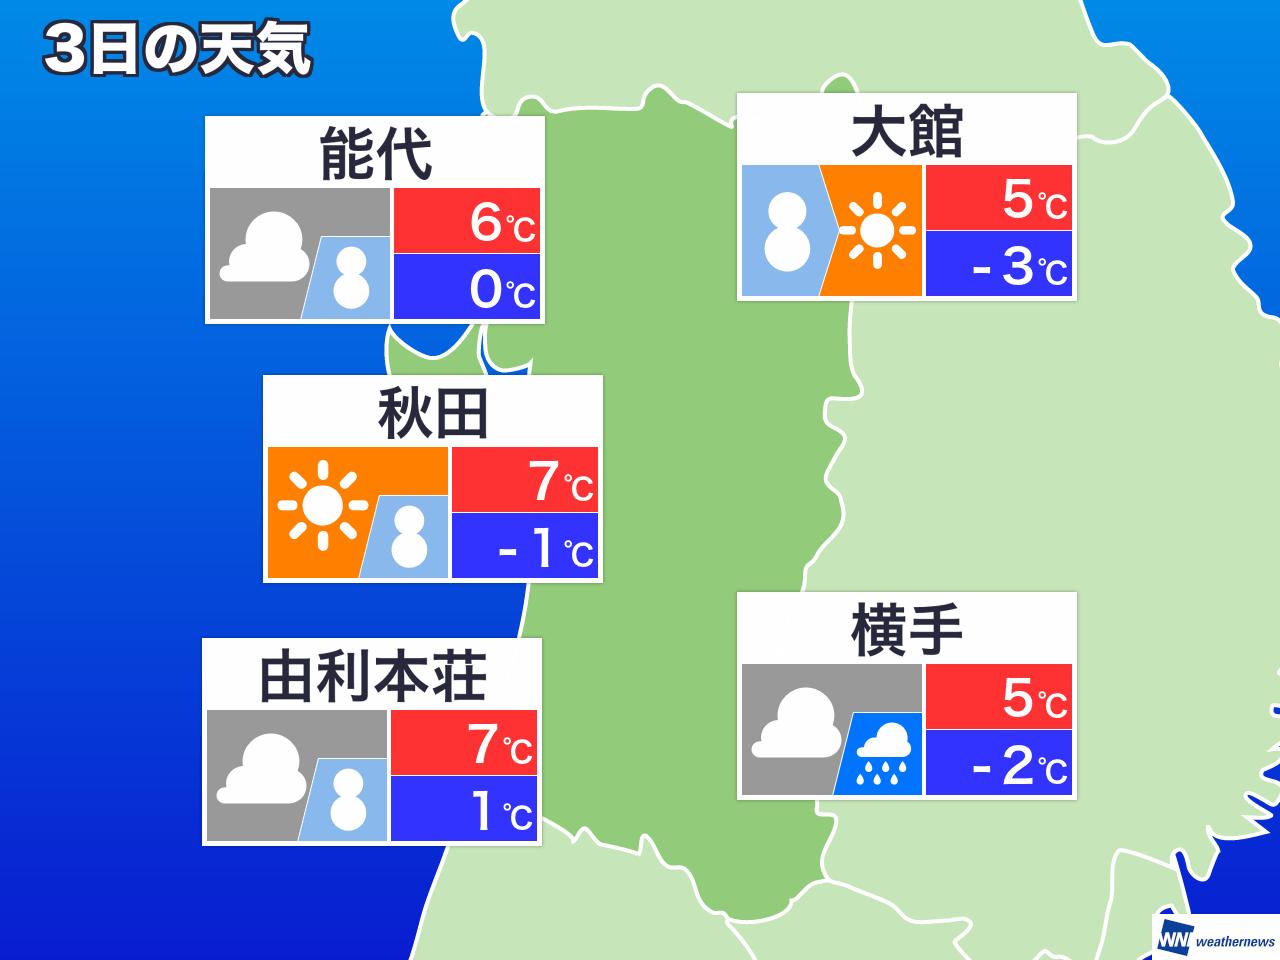 北九州 明日 の 天気 北九州市の1時間天気